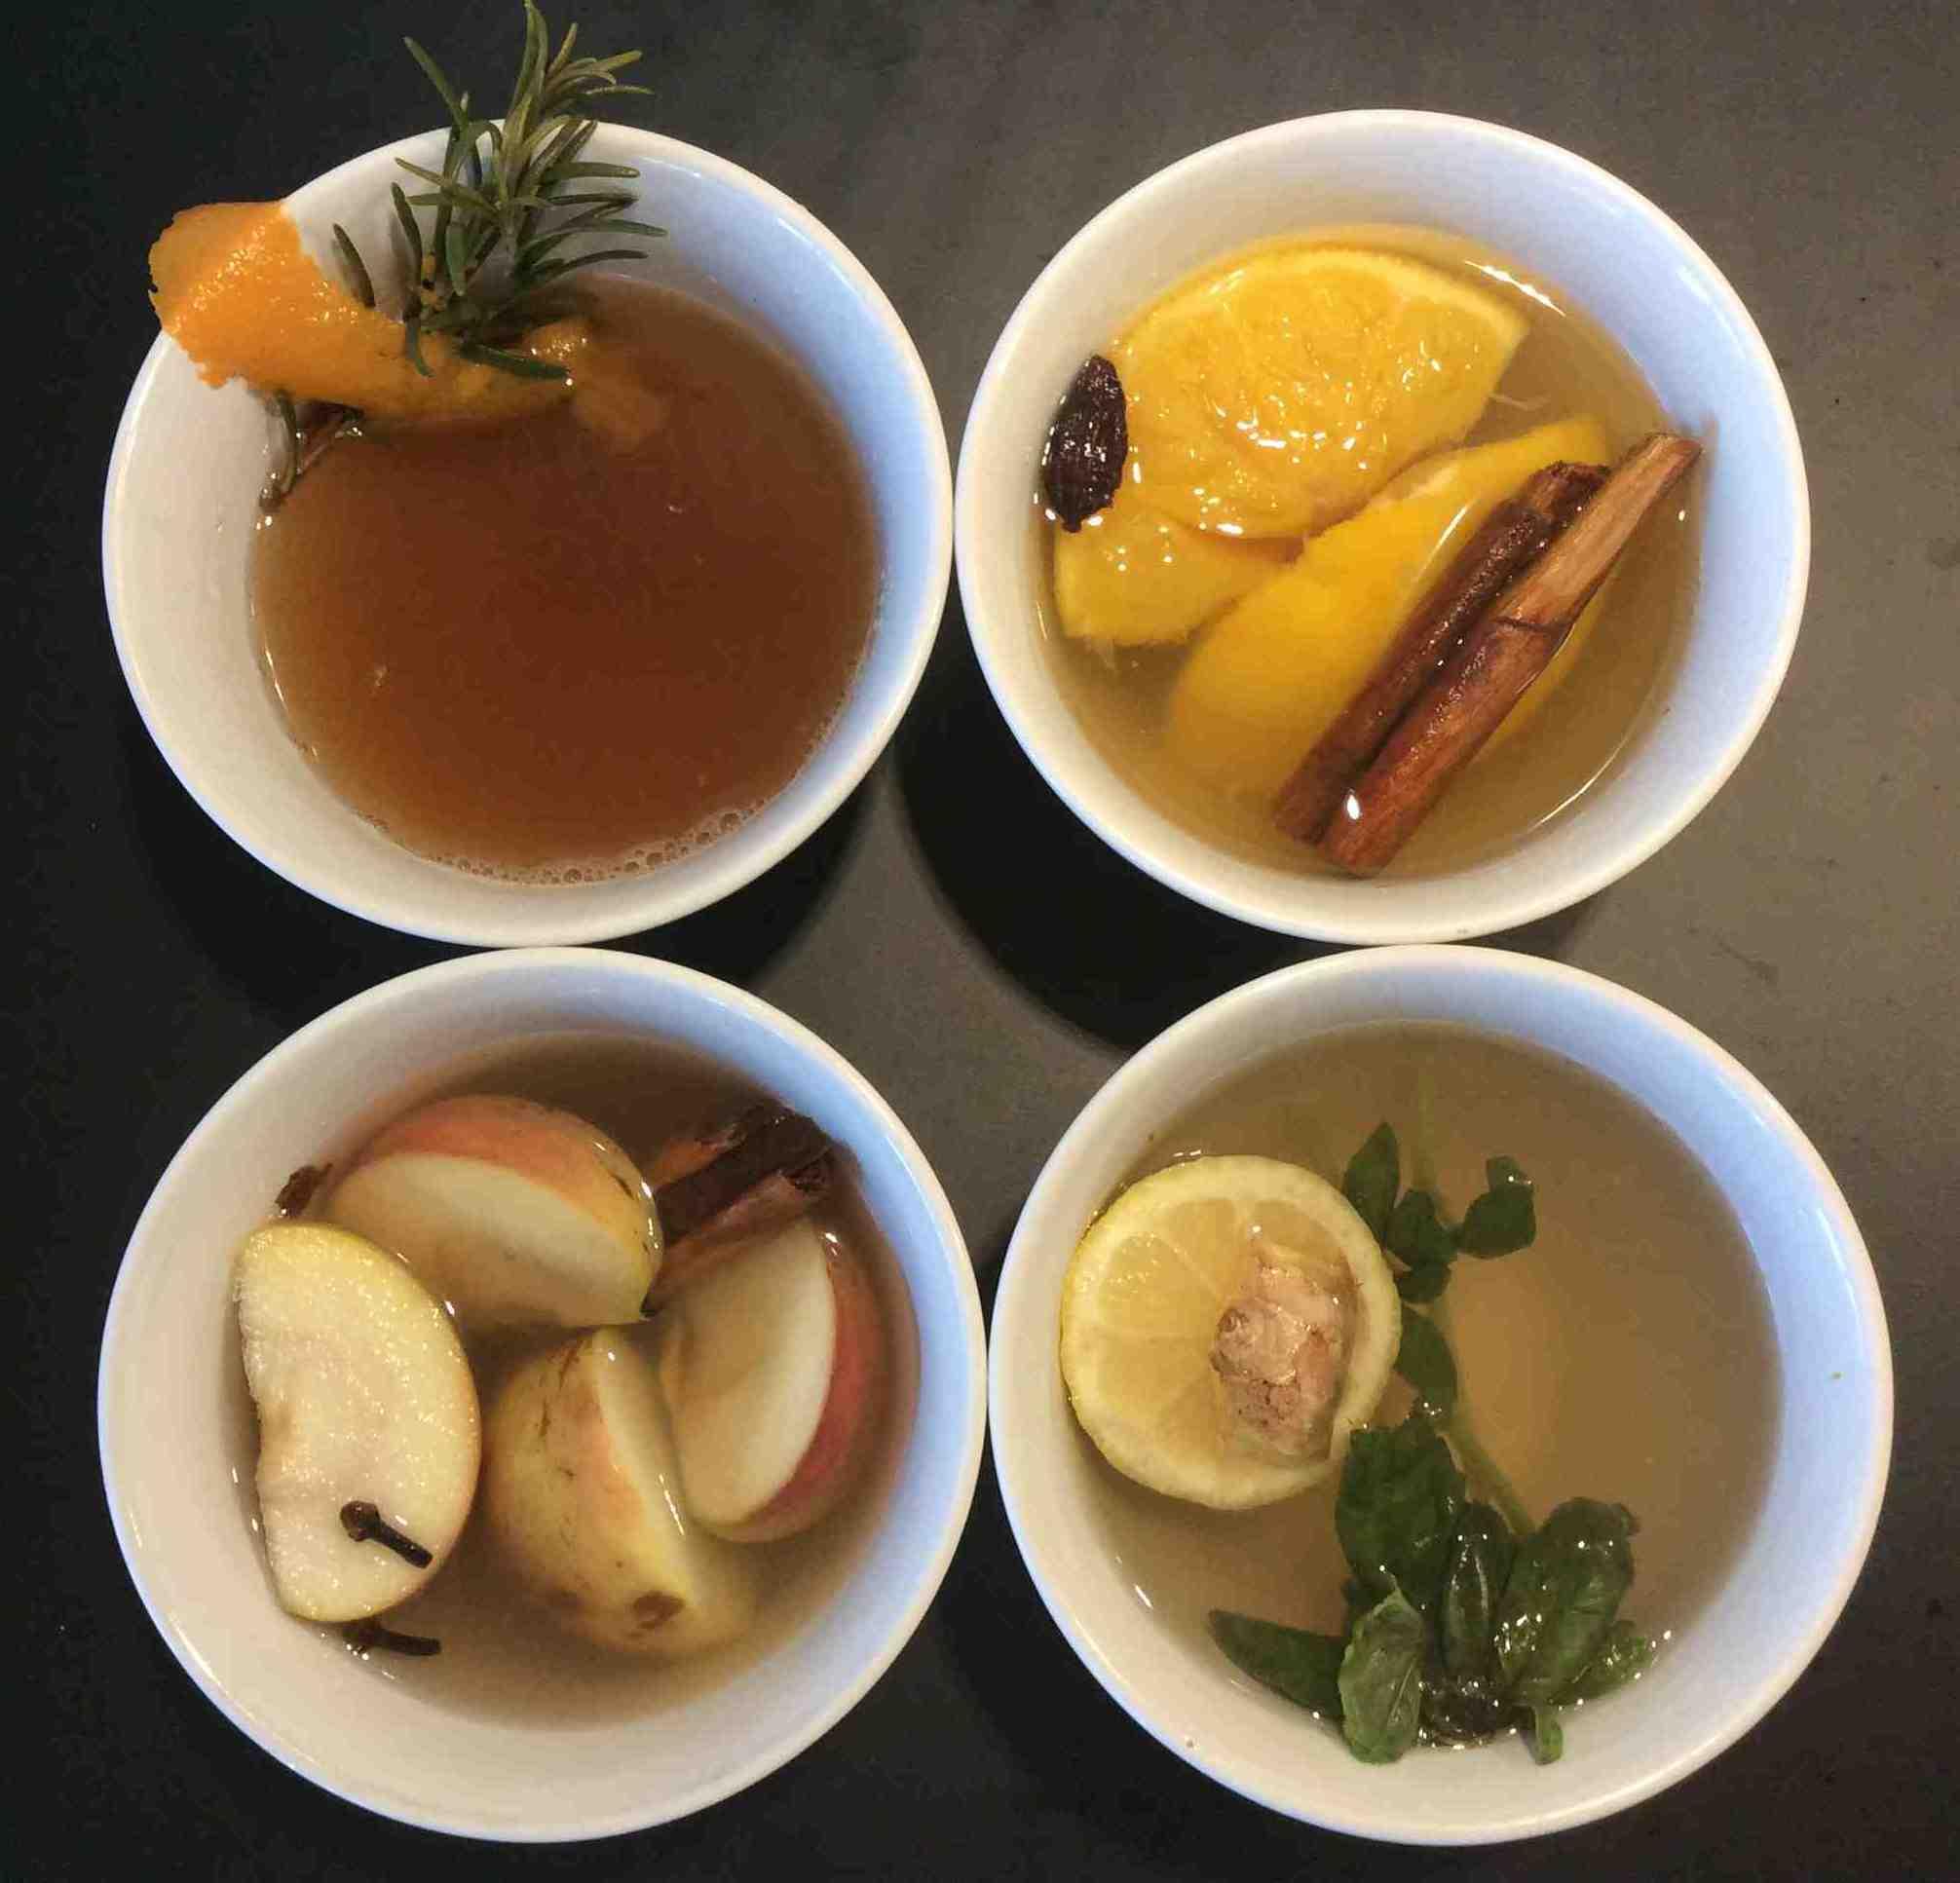 Rosmarin-Orangen-, Weihnachts-, Holunder-Basilikum- und Apfel-Glühwein (im Uhrzeigersinn)